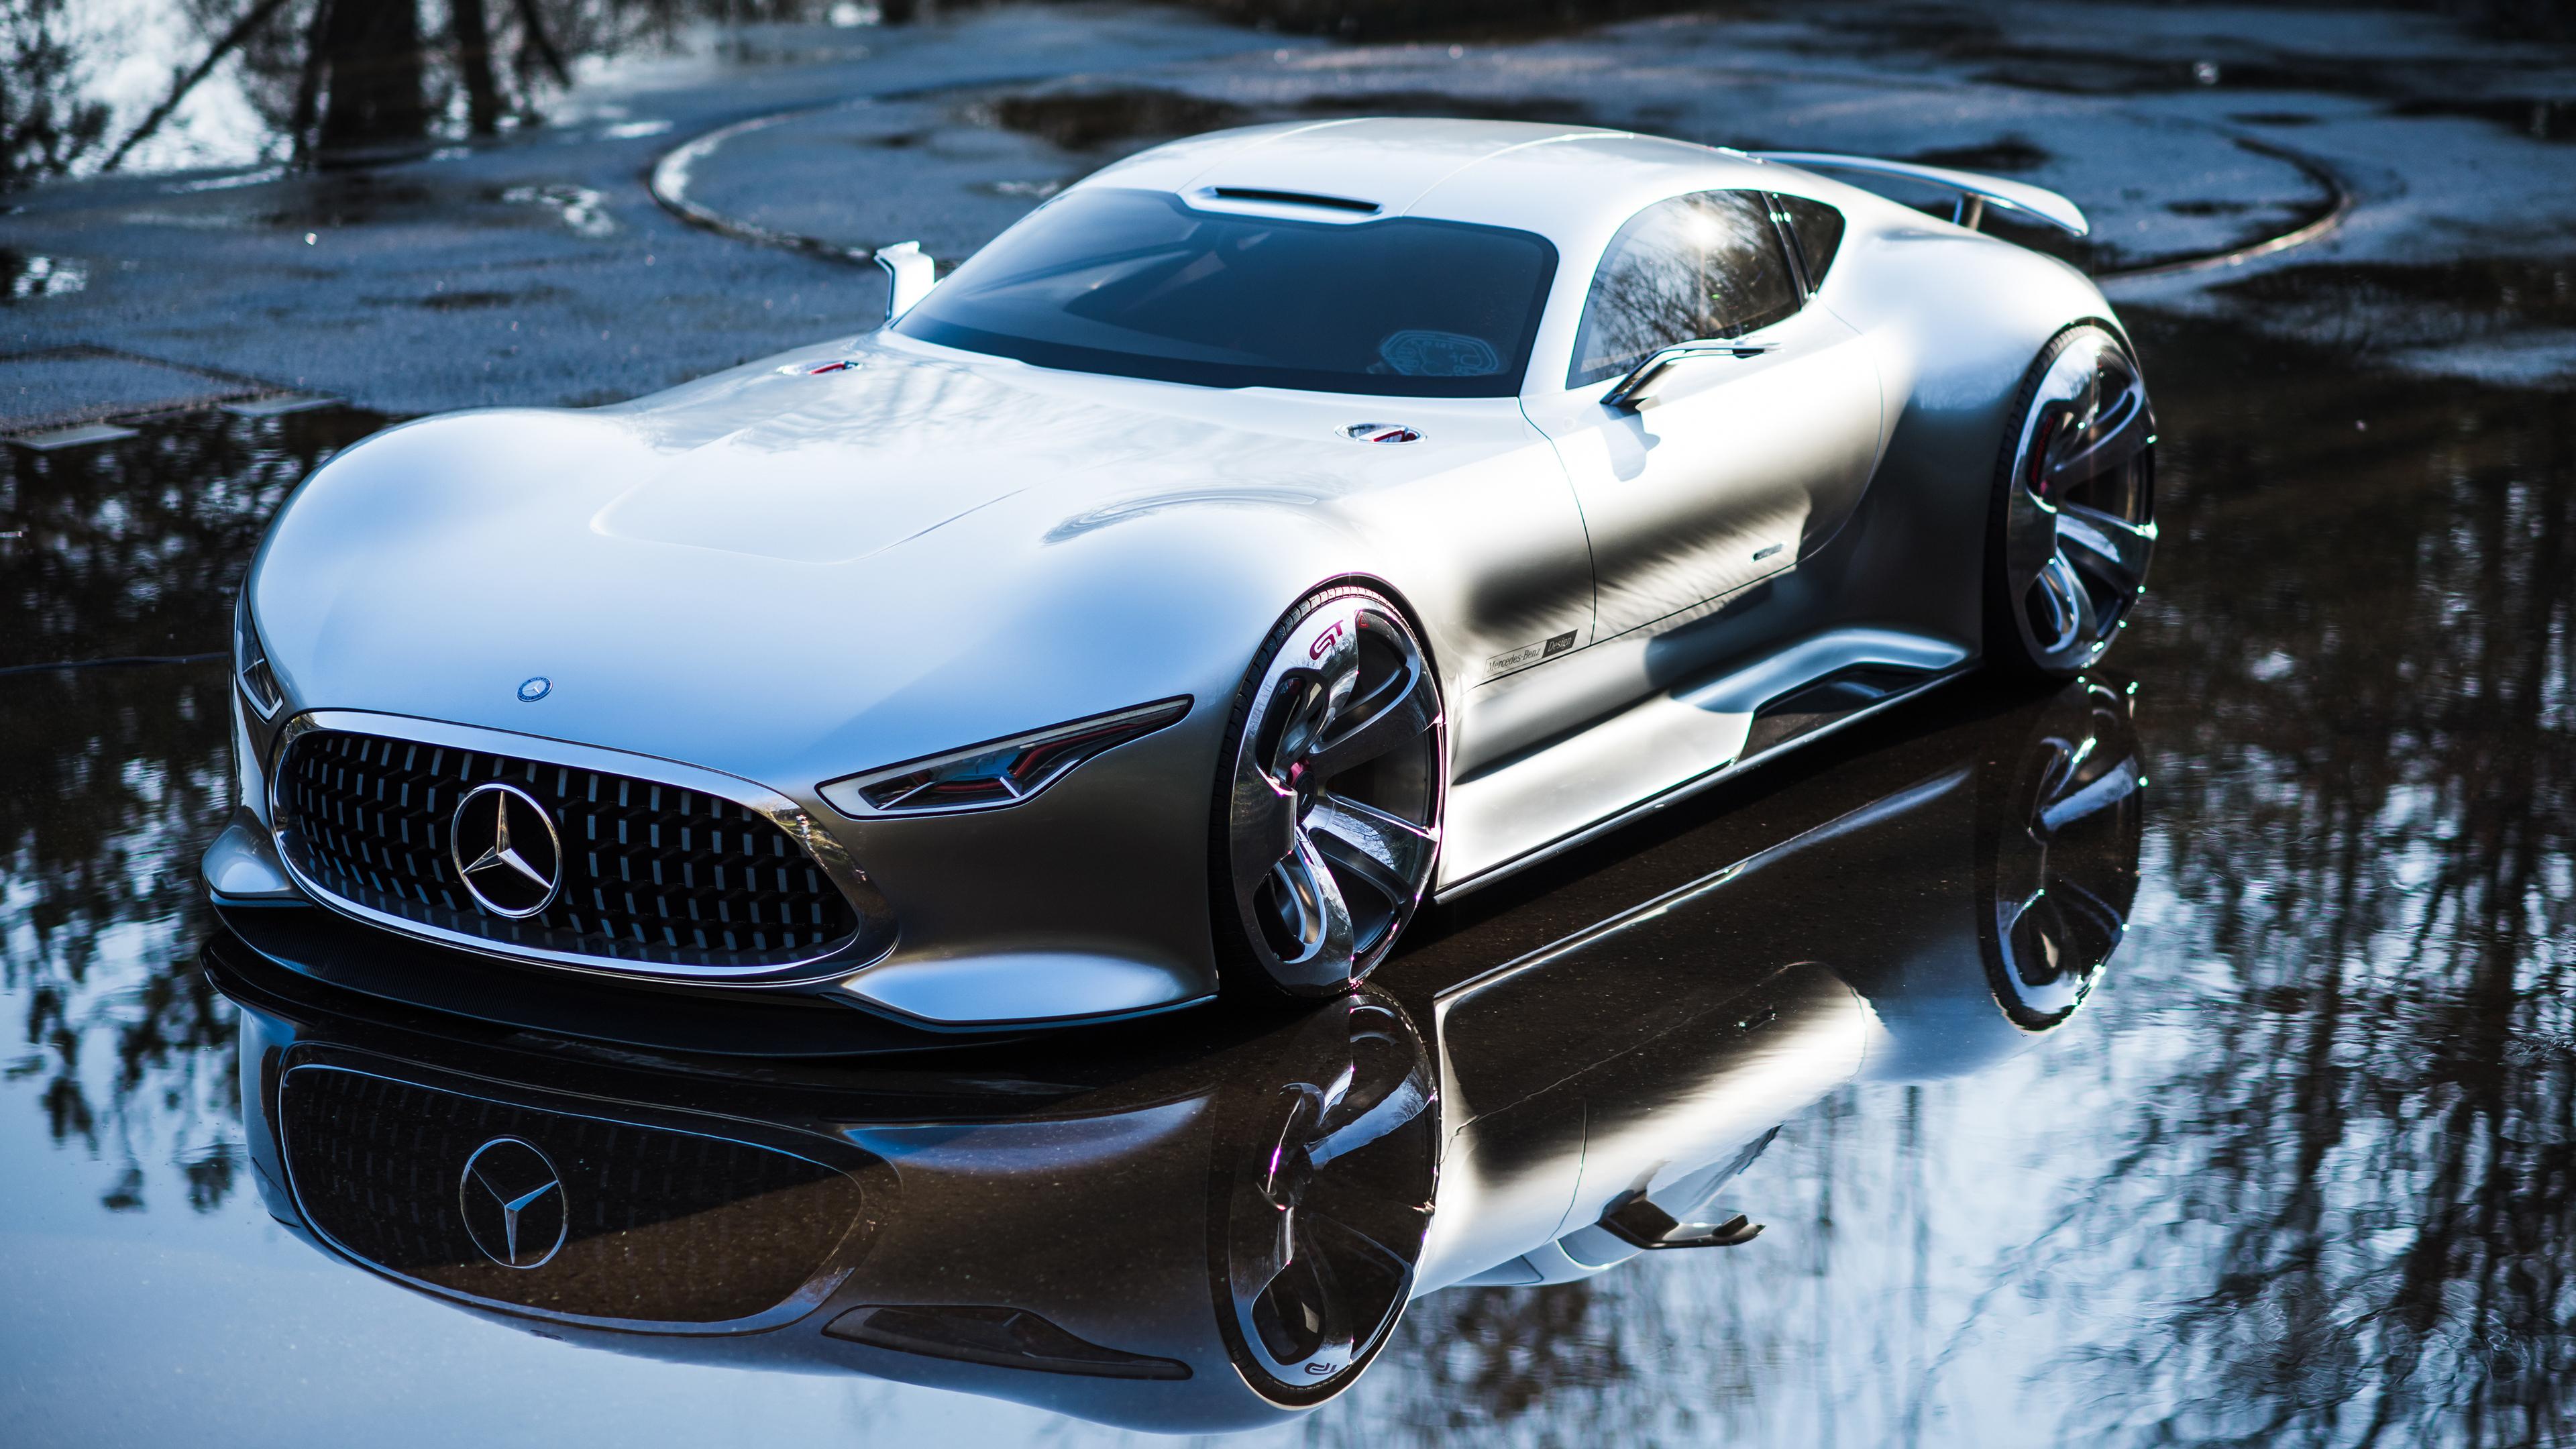 mercedes benz amg vision gran turismo 4k hd cars 4k. Black Bedroom Furniture Sets. Home Design Ideas